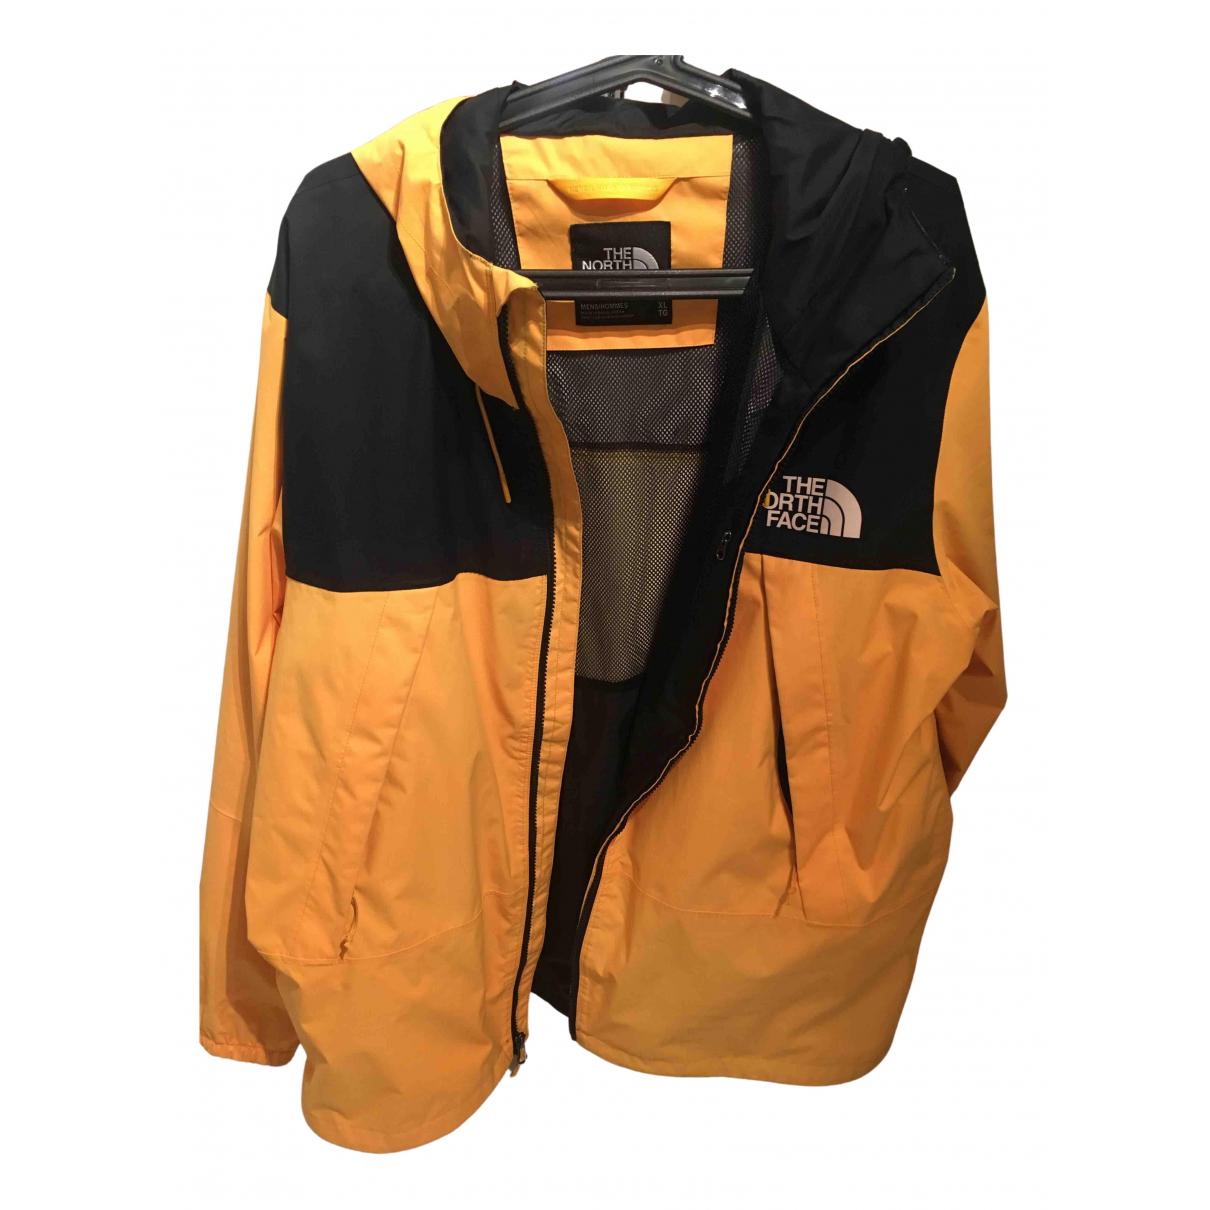 The North Face - Vestes.Blousons   pour homme - jaune